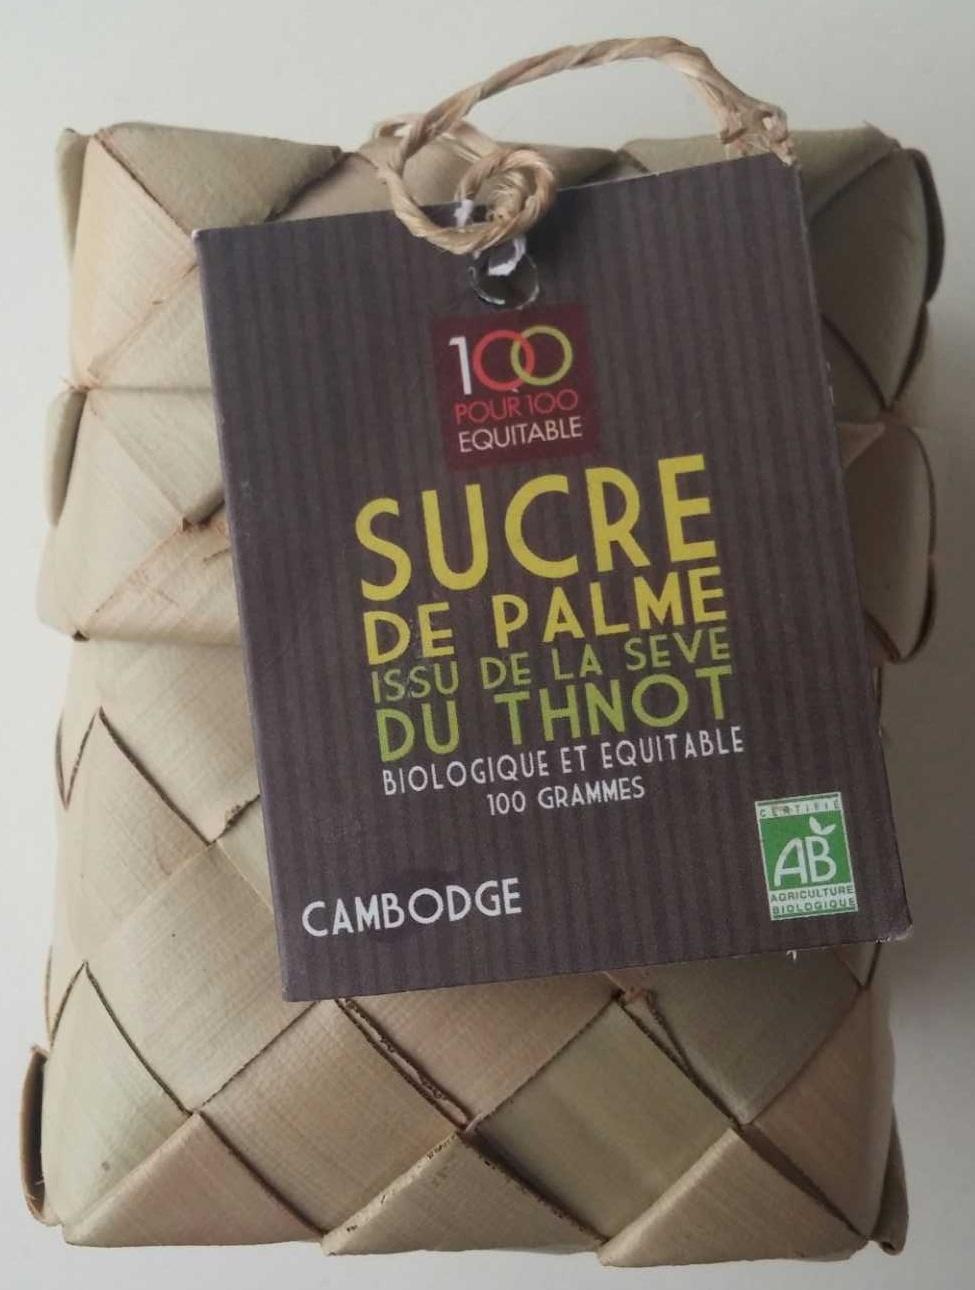 Sucre de palme - 100 pour 100 équitable - 100 g